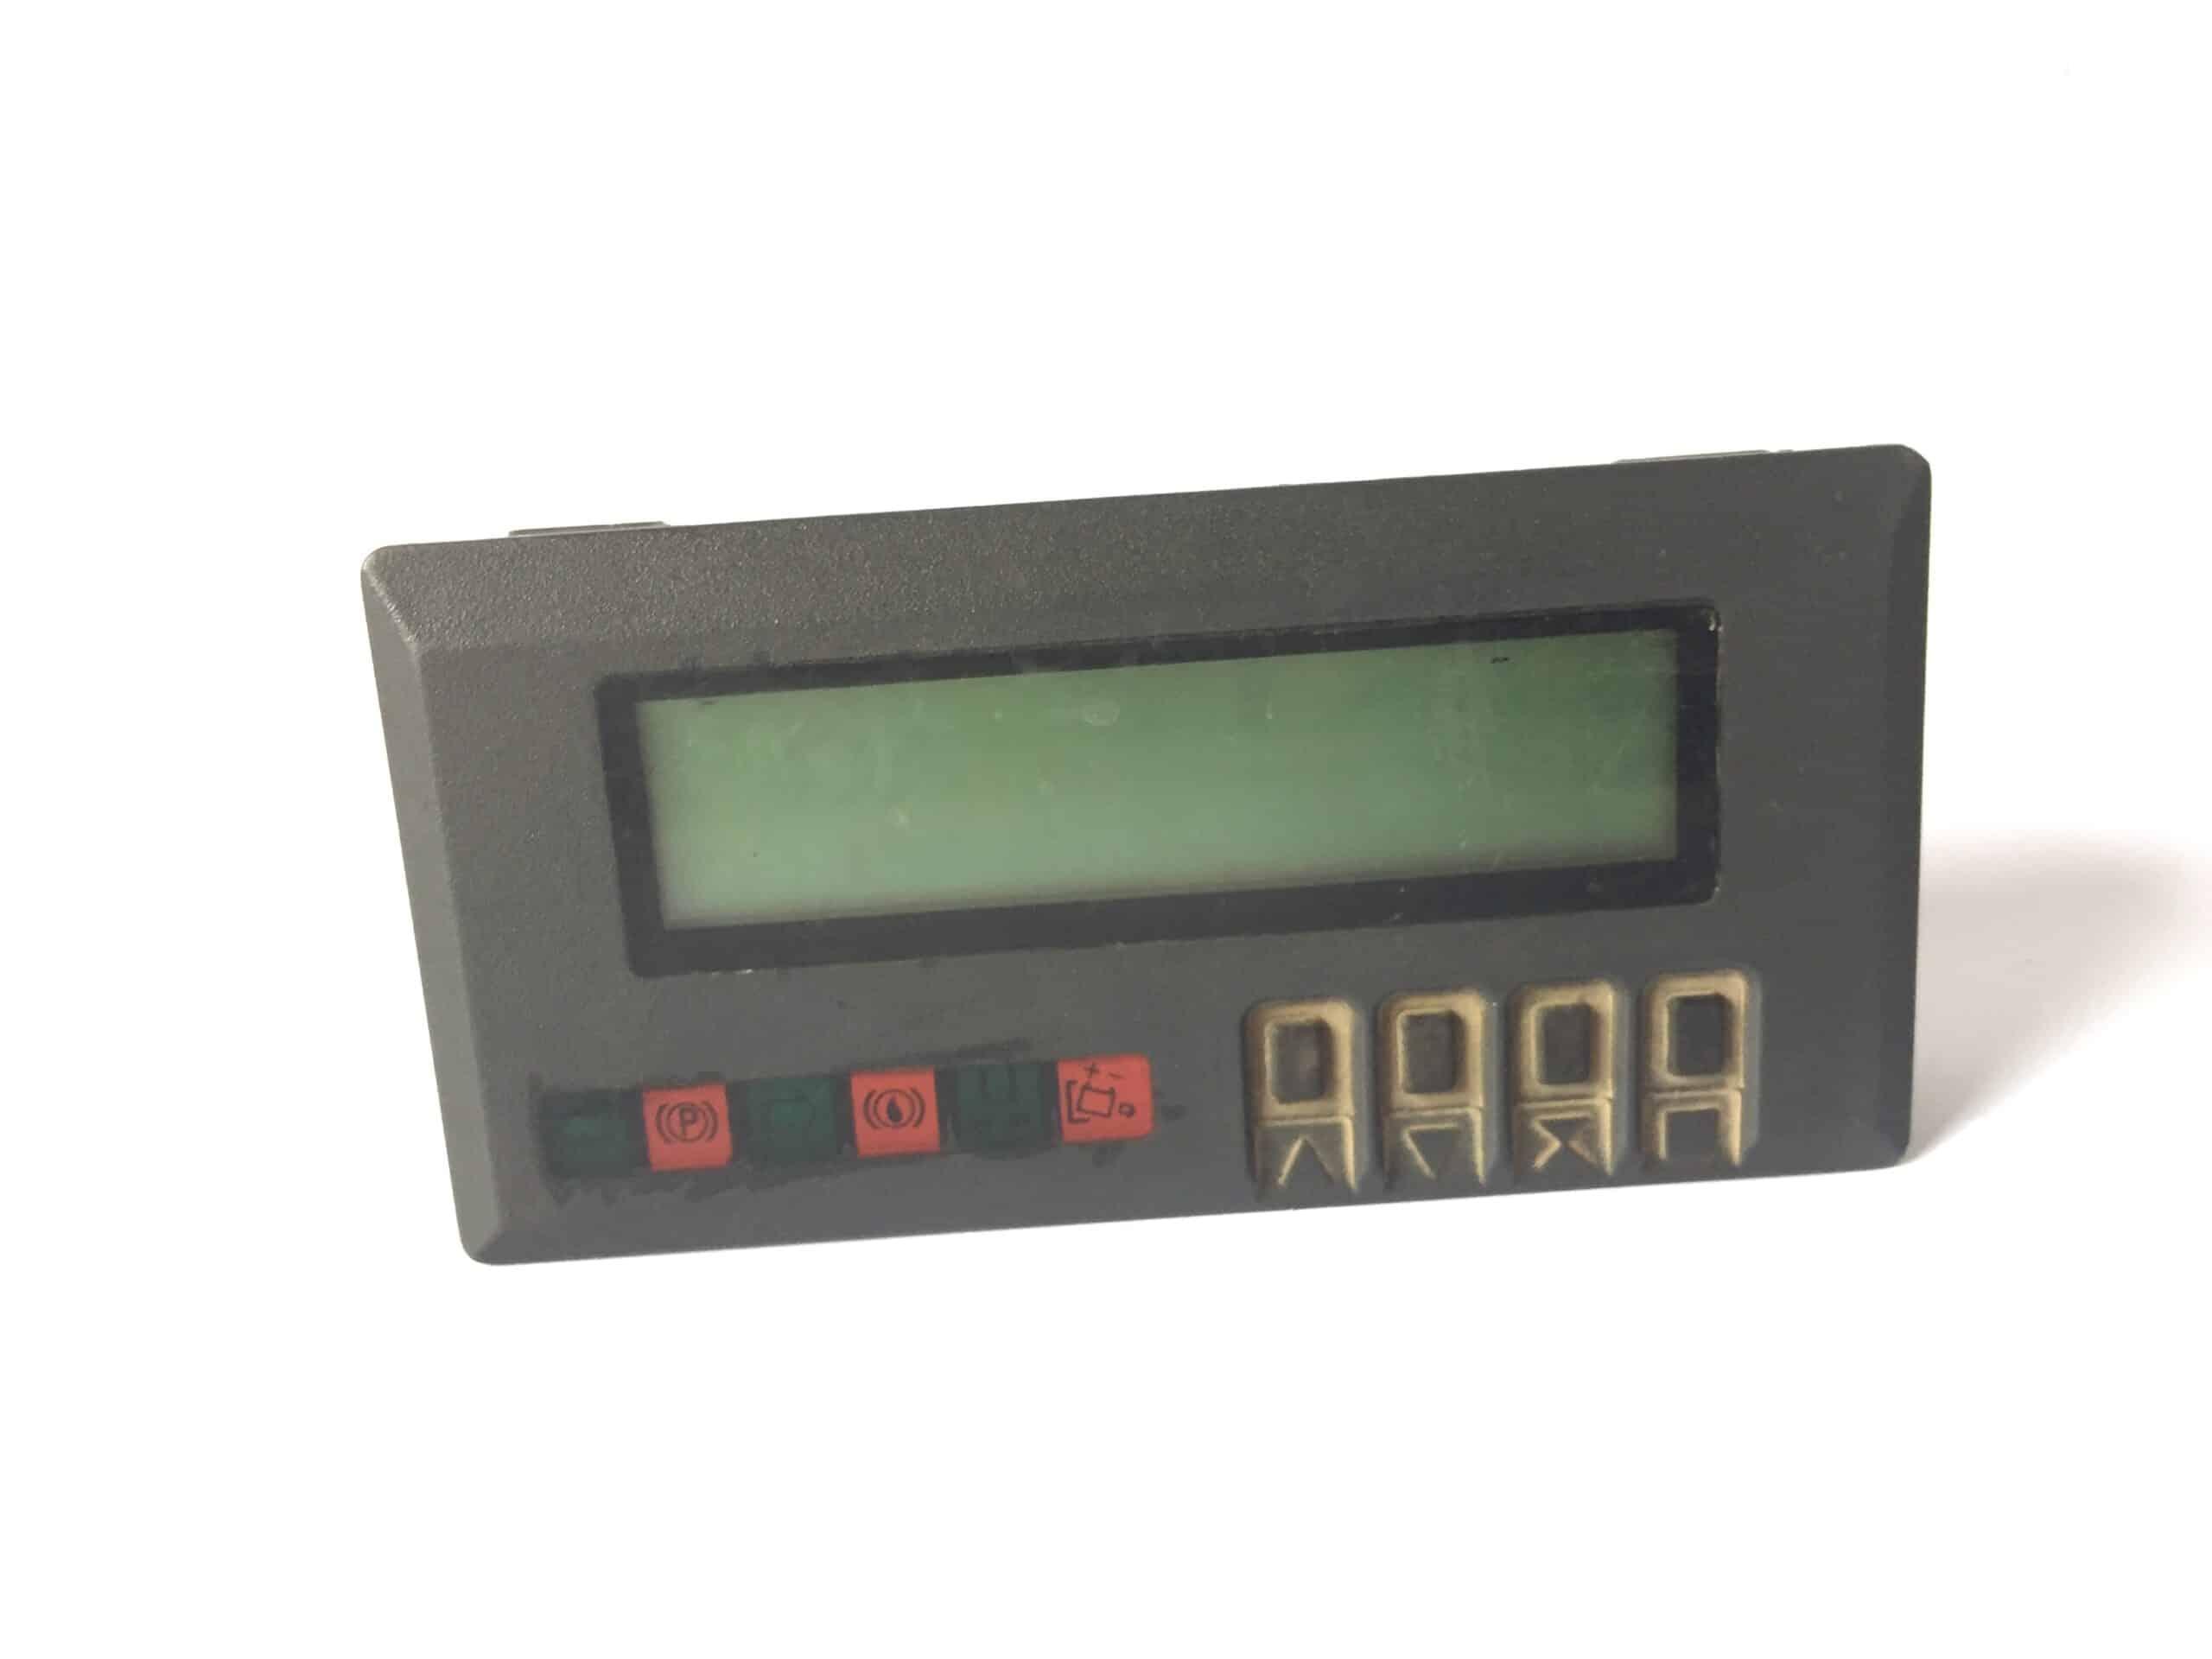   LCD DISPLAY   Fazl-e-Rasheed and Company August 2021